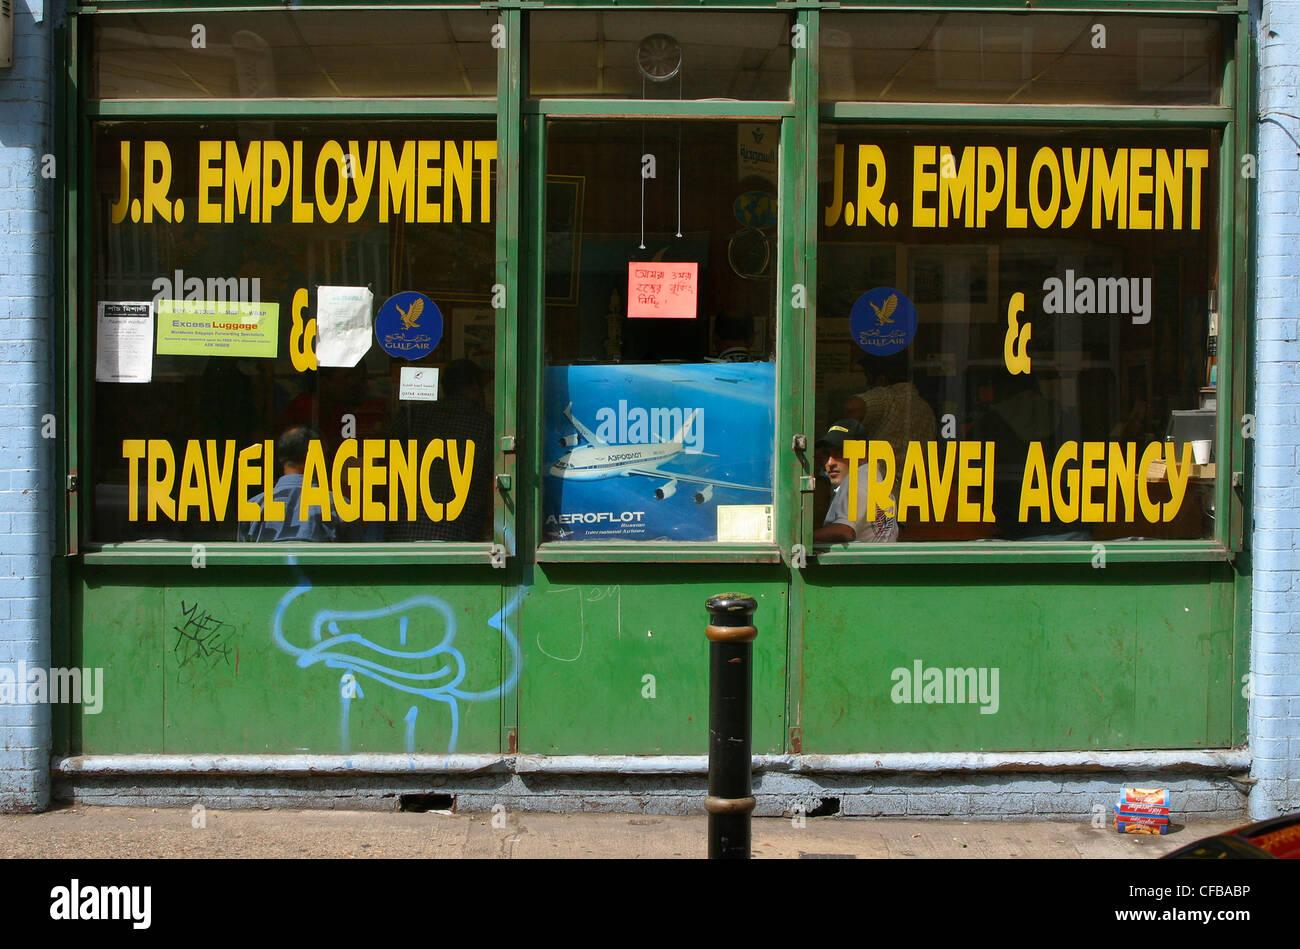 Windows d'une friche, vide l'emploi et de l'agence de voyage, avec des affiches dans l'entrée Photo Stock